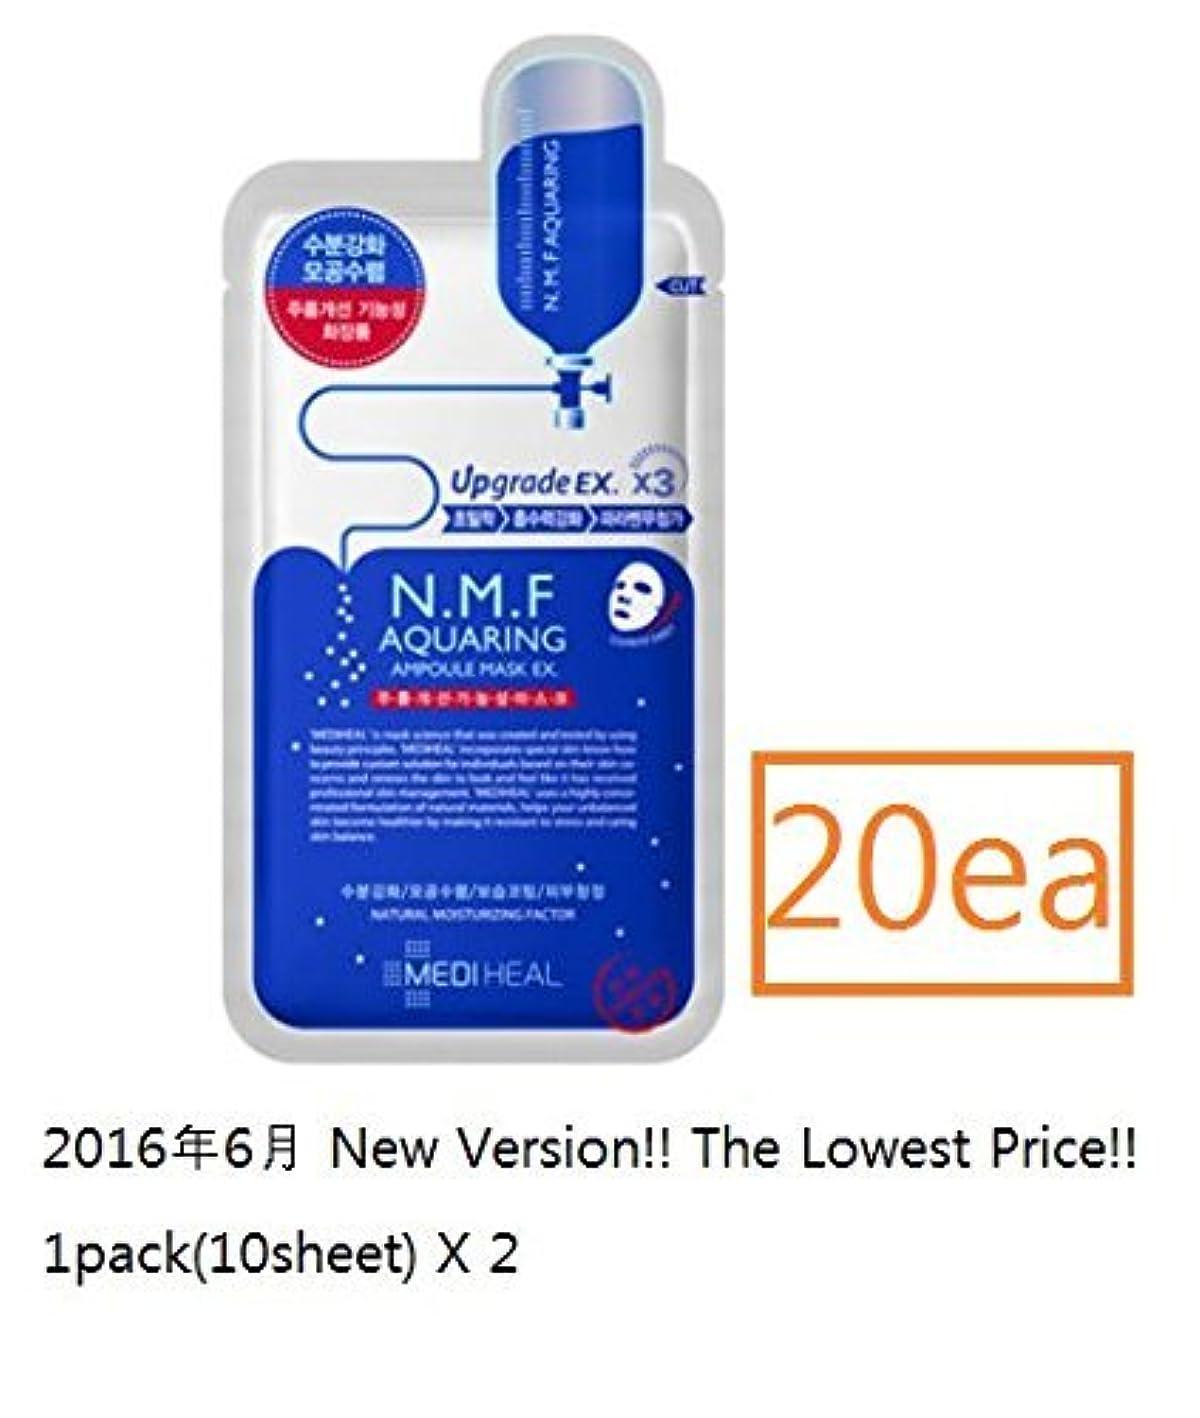 自動化に勝るシンプルなMediheal メディヒール N.M.F アクアリング アンプル?マスクパック 10枚入り*2 (Aquaring Ampoule Essential Mask Pack 1box(10sheet)*2 [並行輸入品]